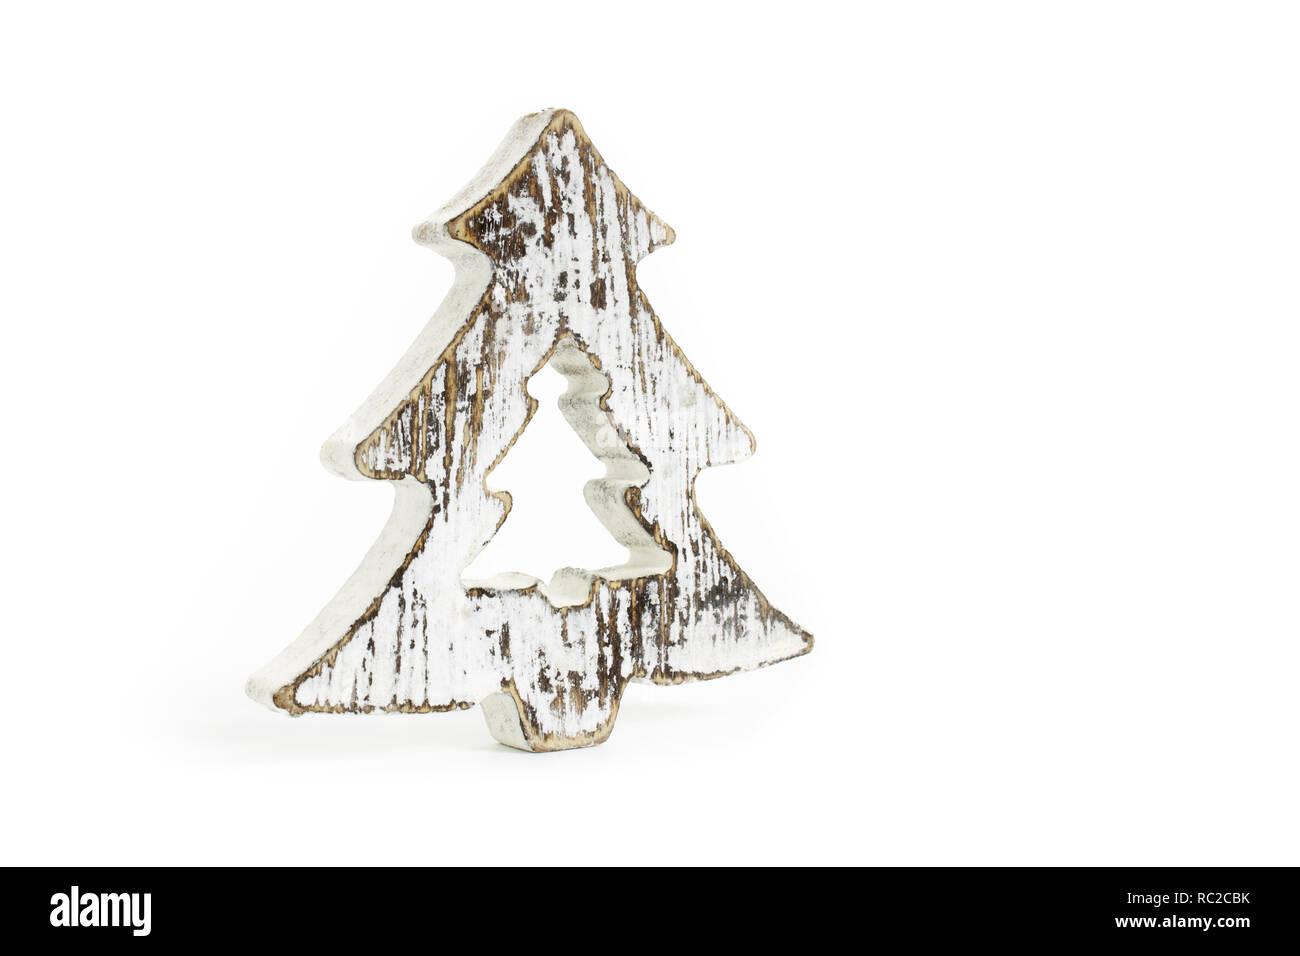 Weisse Minimalistische Snowy Christbaumschmuck Aus Holz Mit Vintage